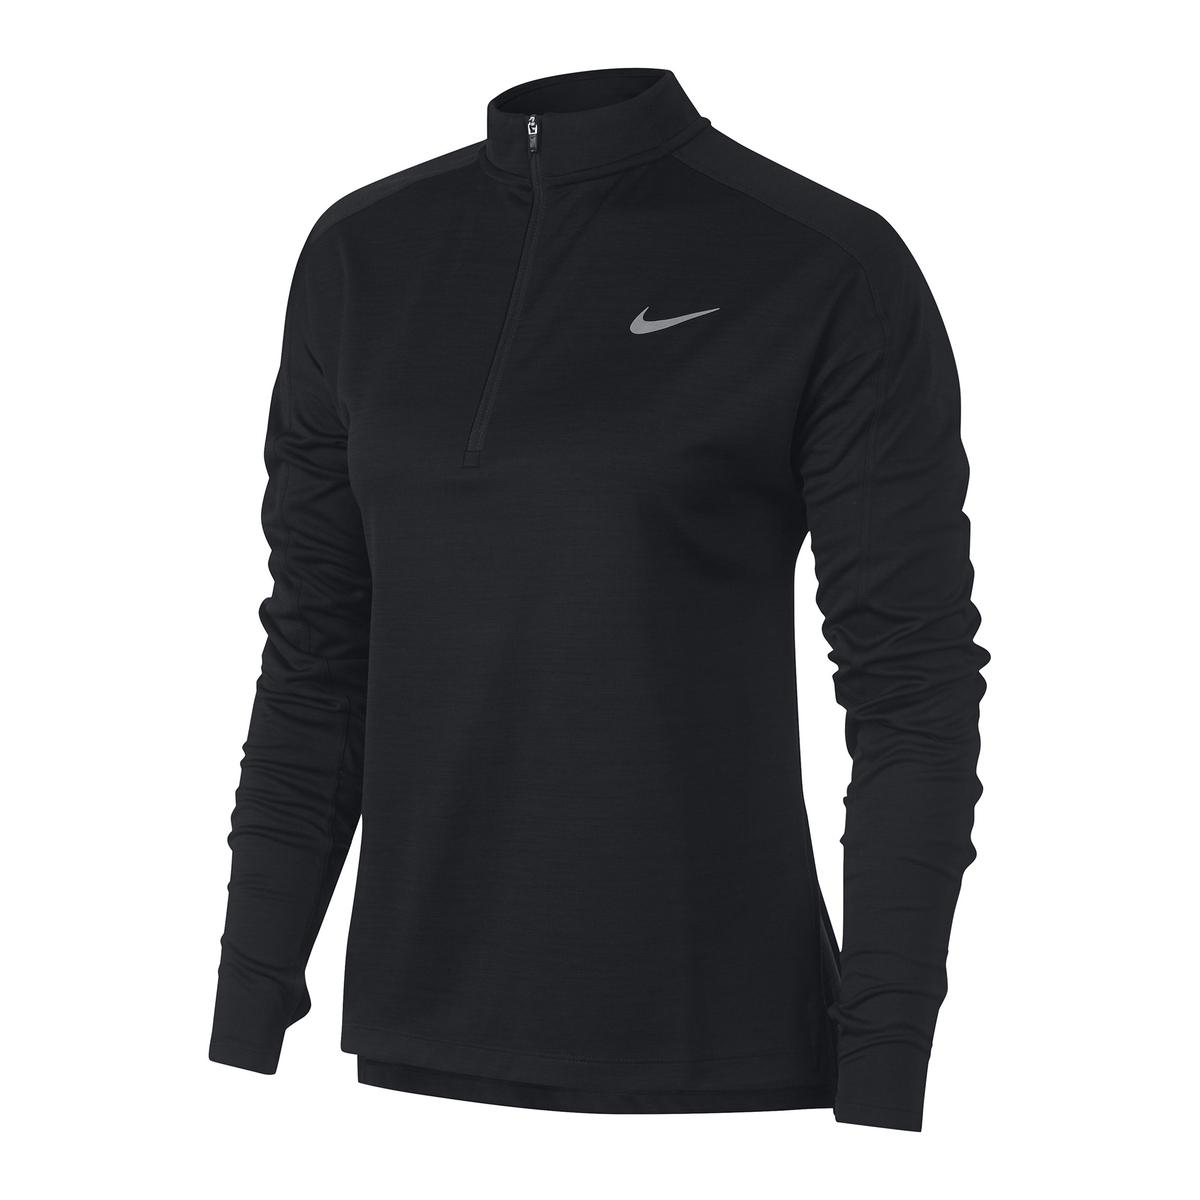 Camiseta de running Nike Pacer de manga larga